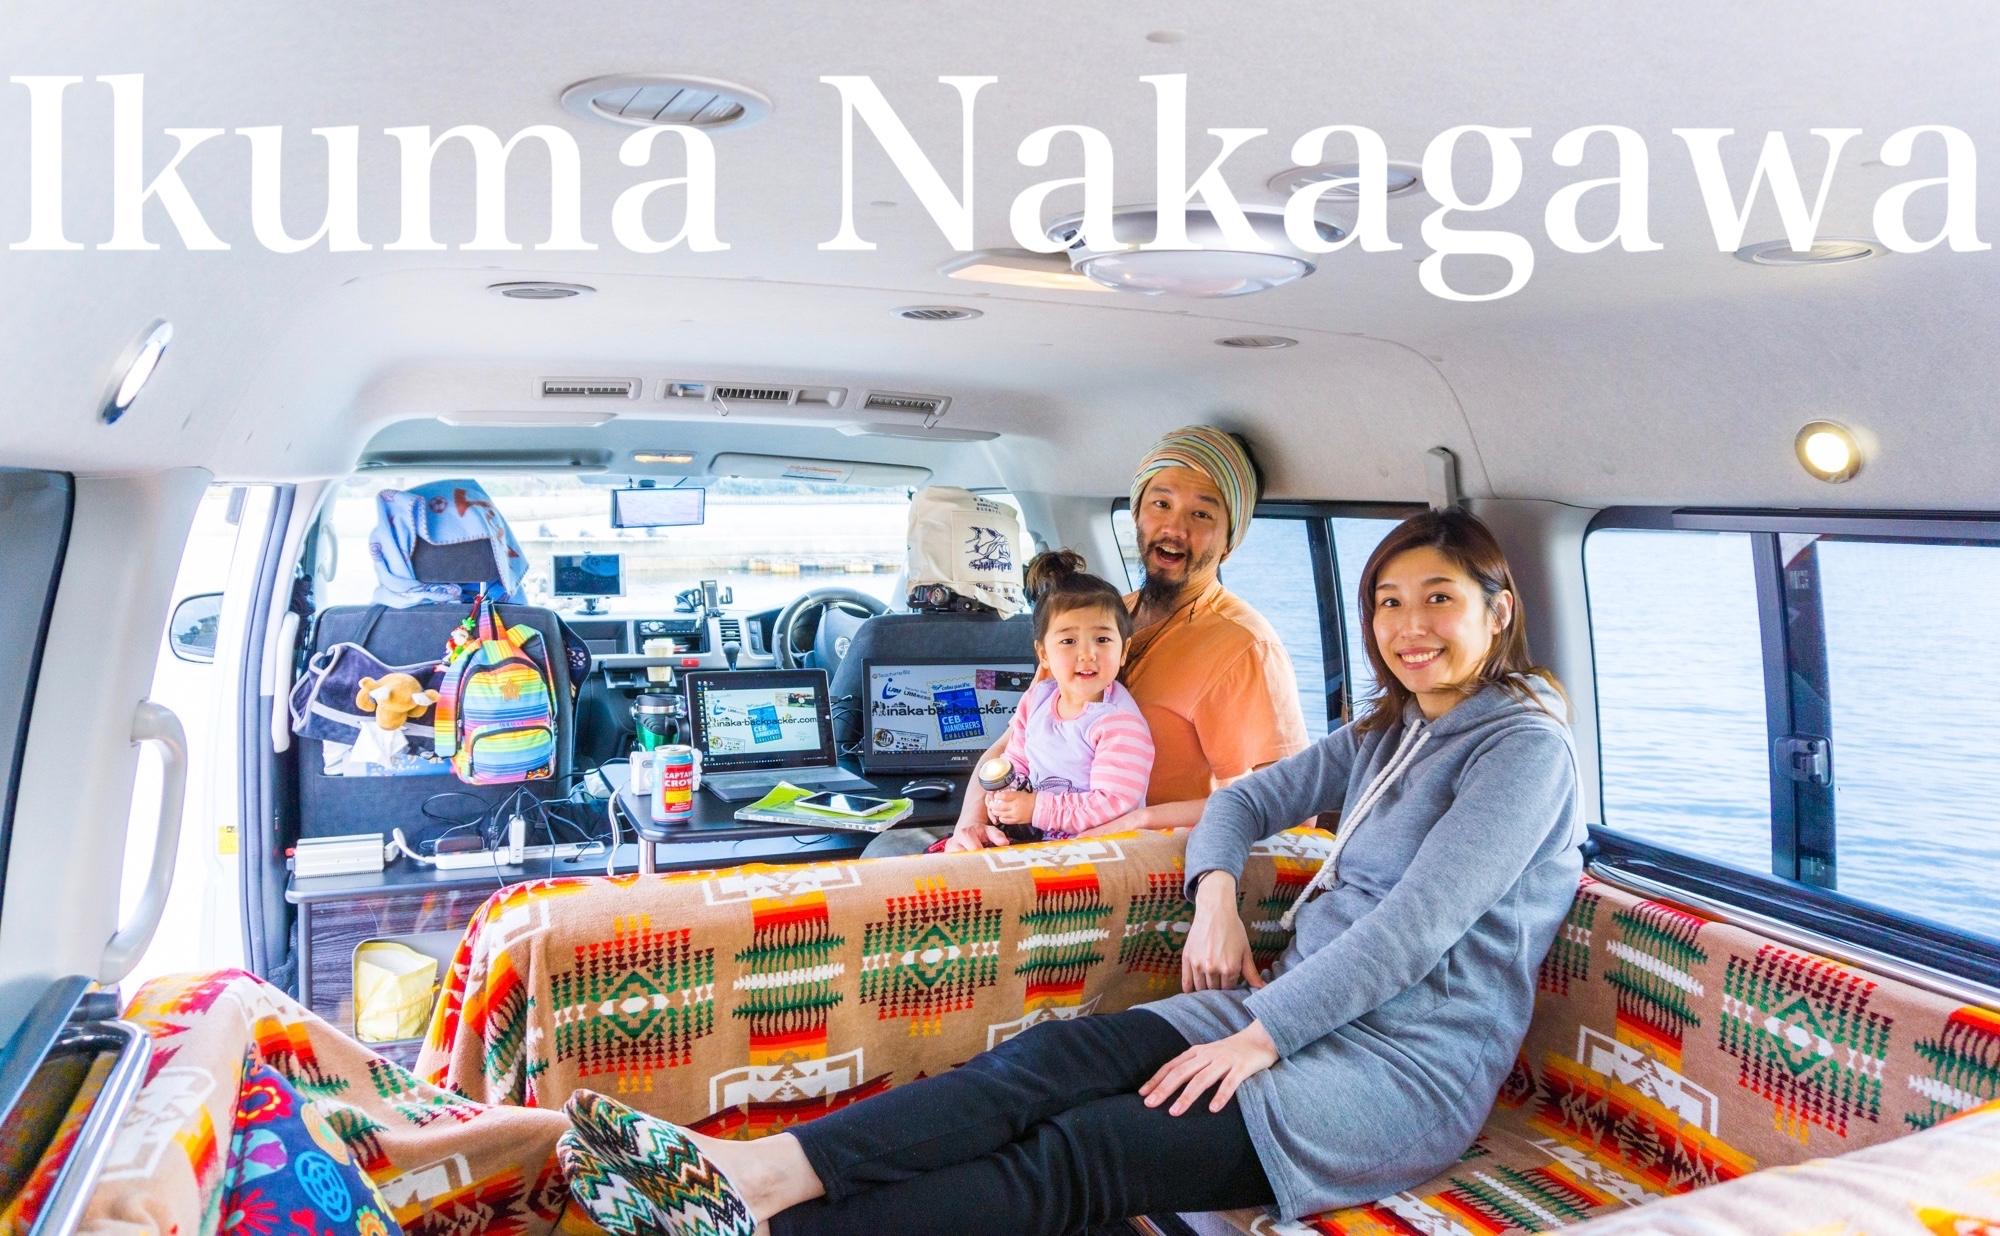 トヨタ・ハイエースで田舎旅。車旅で見えた新しいバックパッカーの姿| 中川生馬